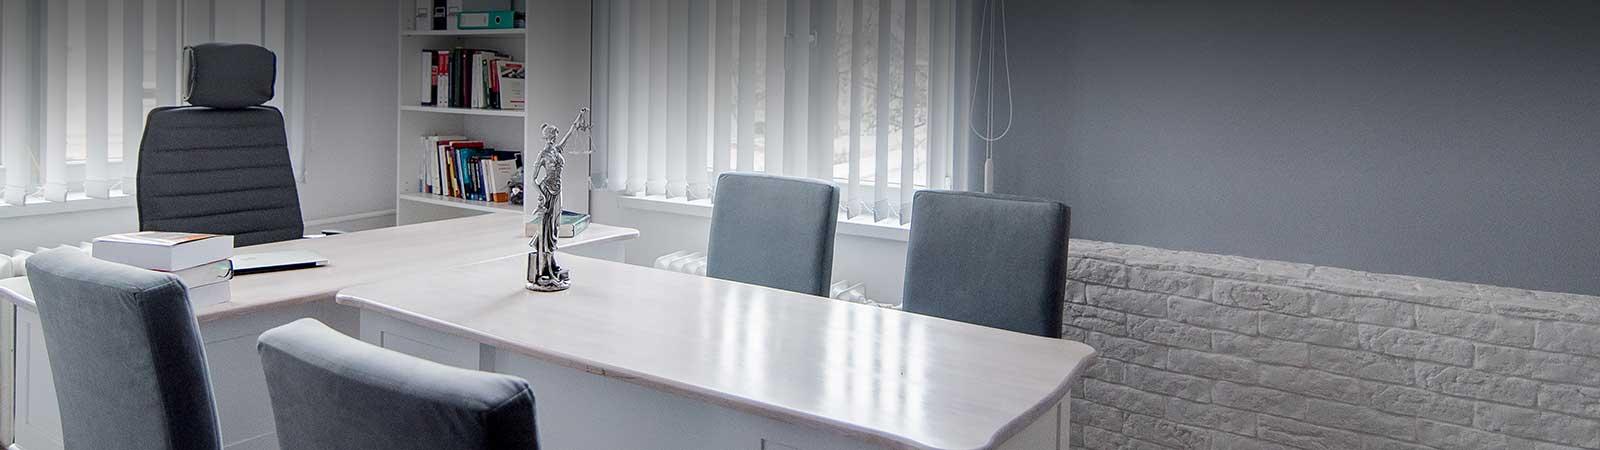 Obsługa firm - Kancelaria Prawna